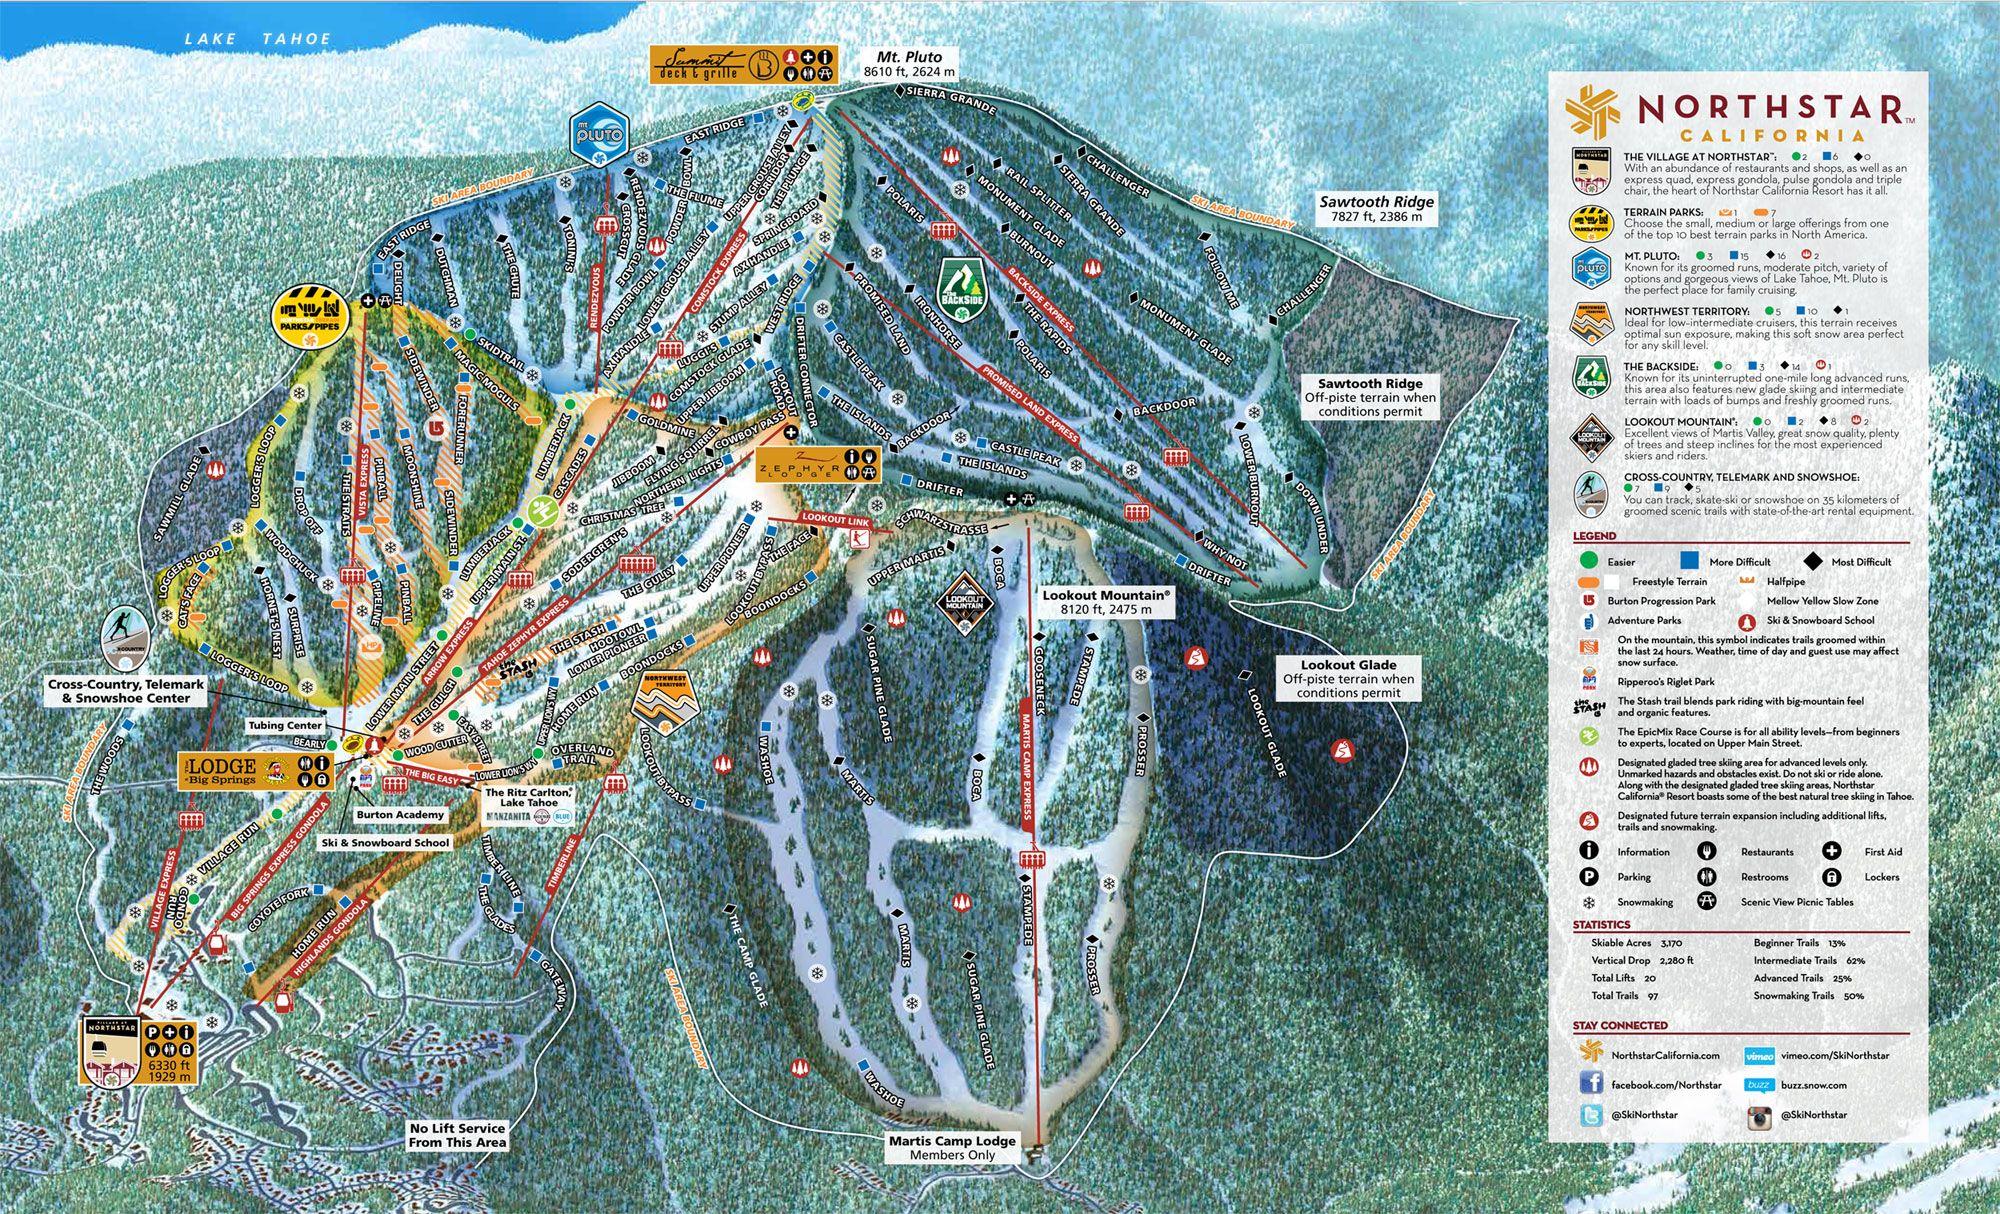 northstar lake tahoe map Northstar California Resort Tahoe Ski Resorts California northstar lake tahoe map